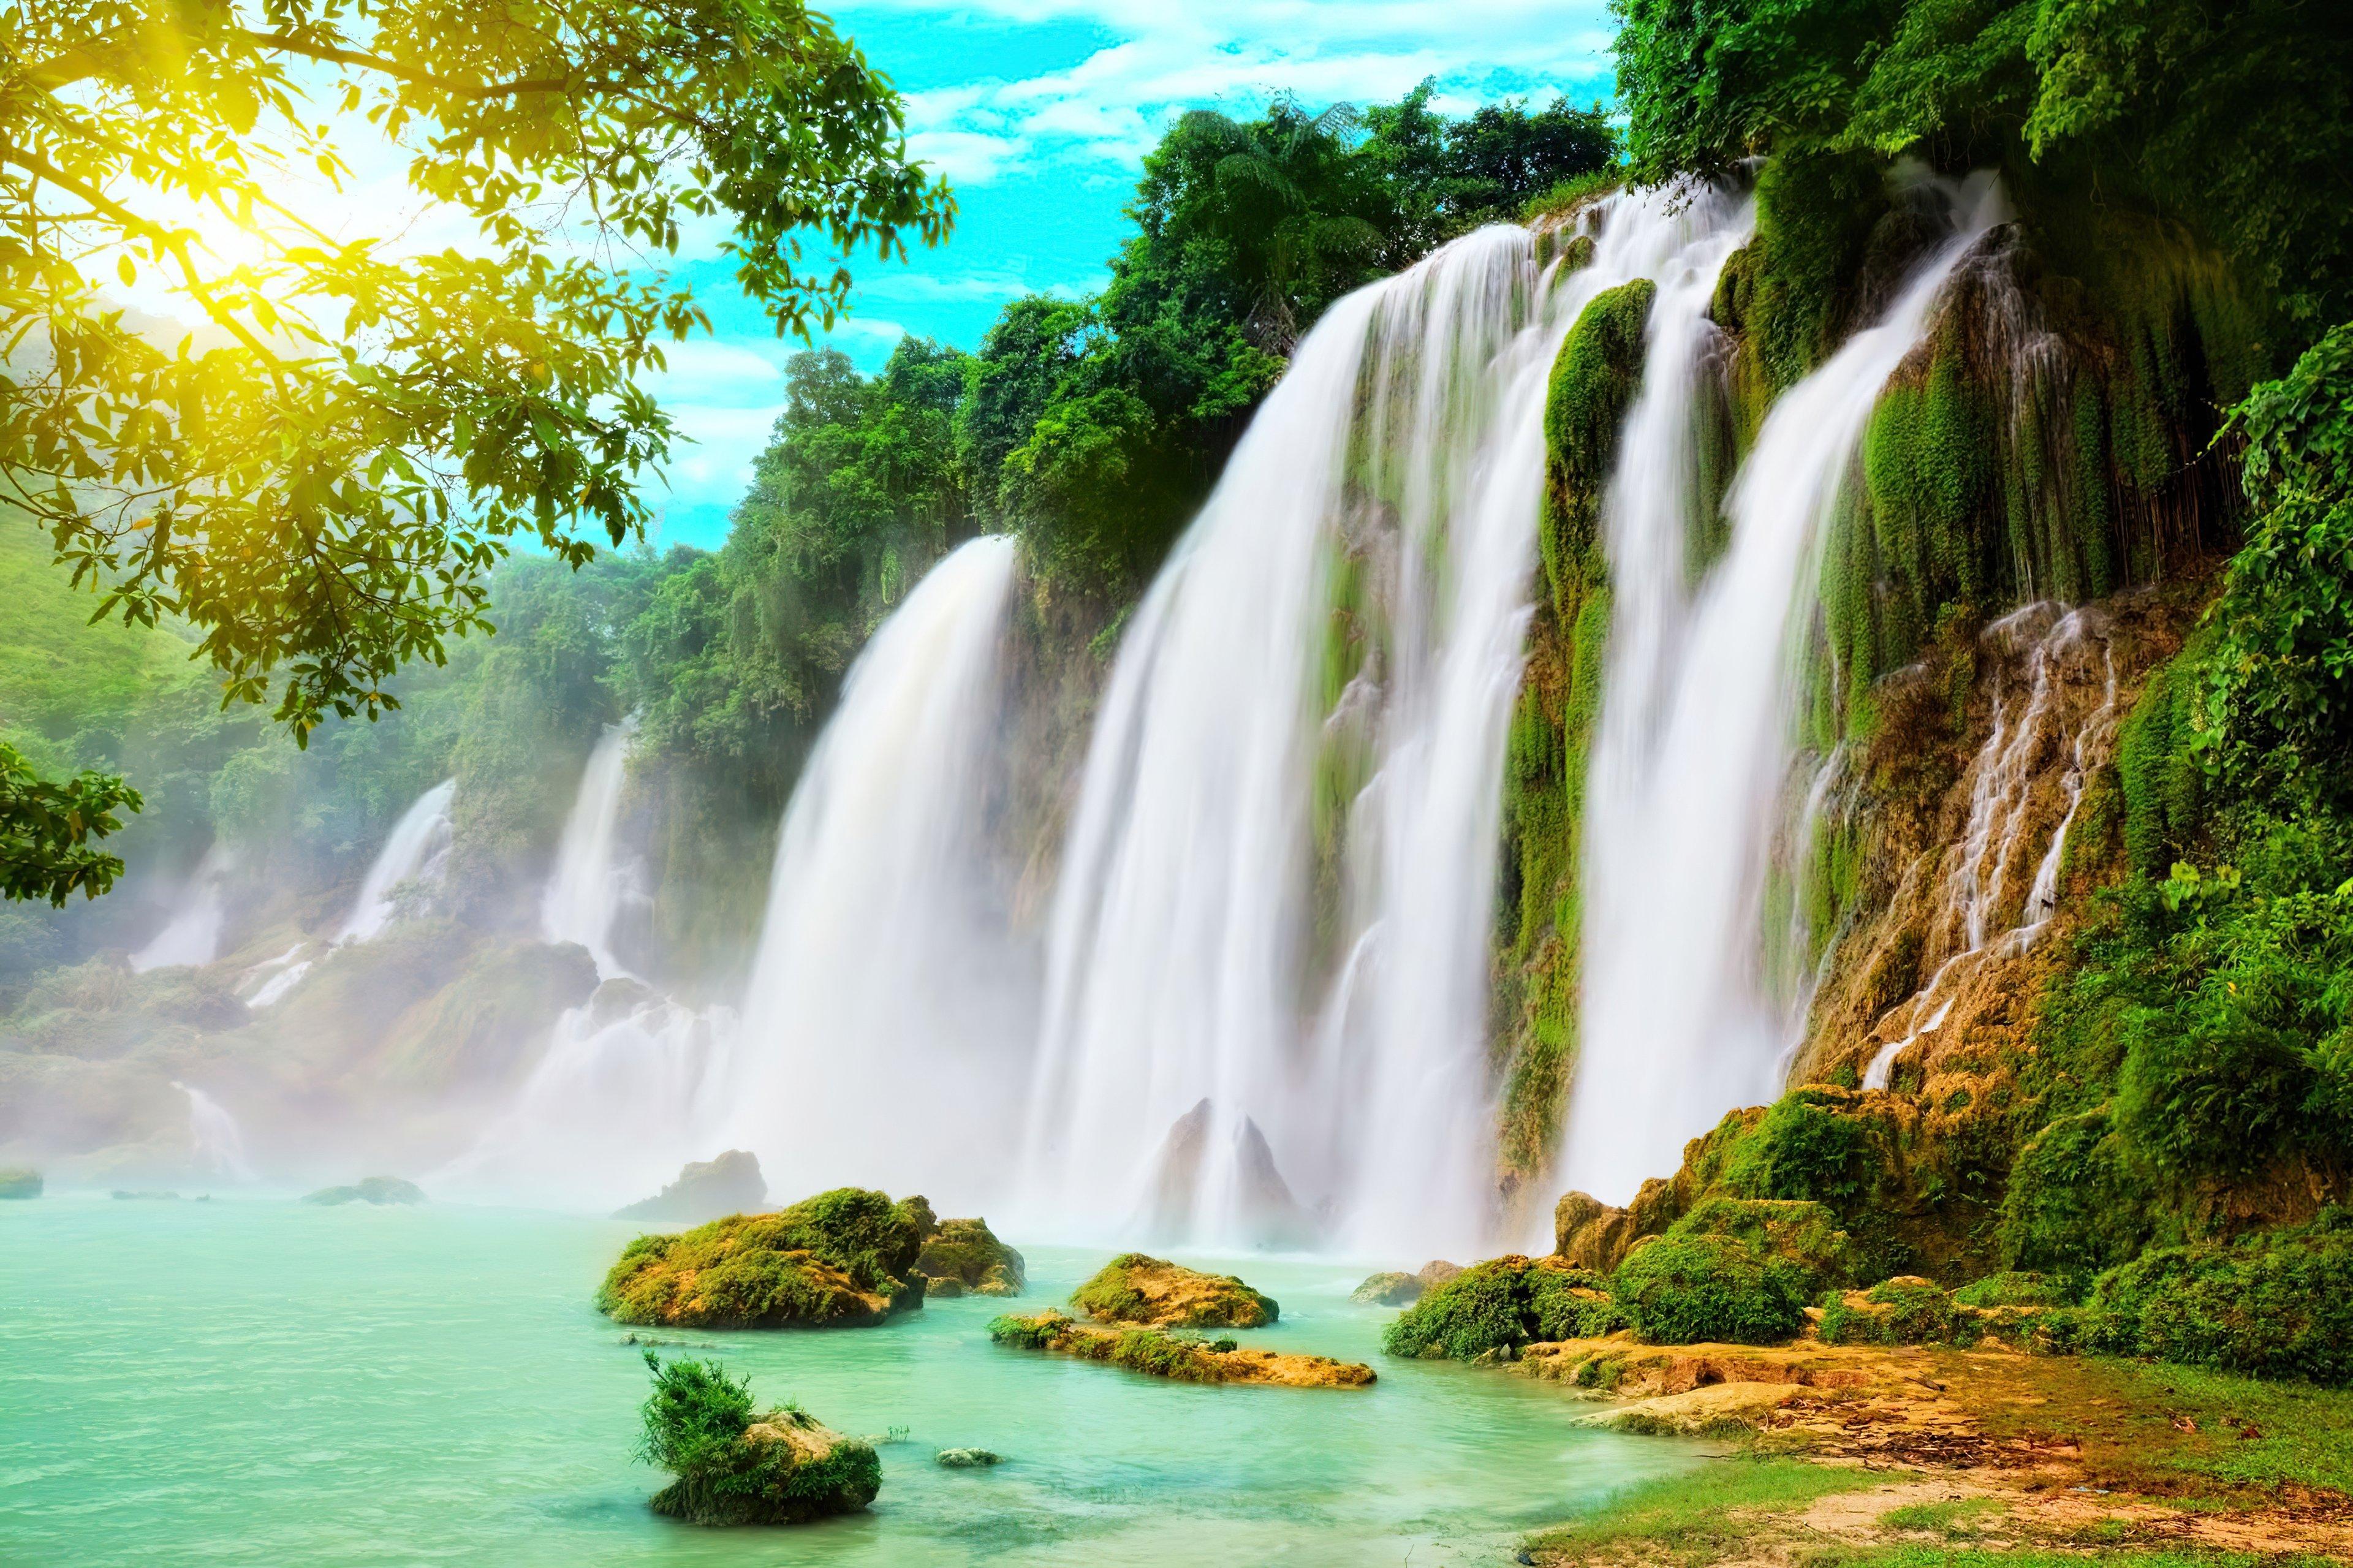 Fondos de pantalla Sueño a través de cascadas